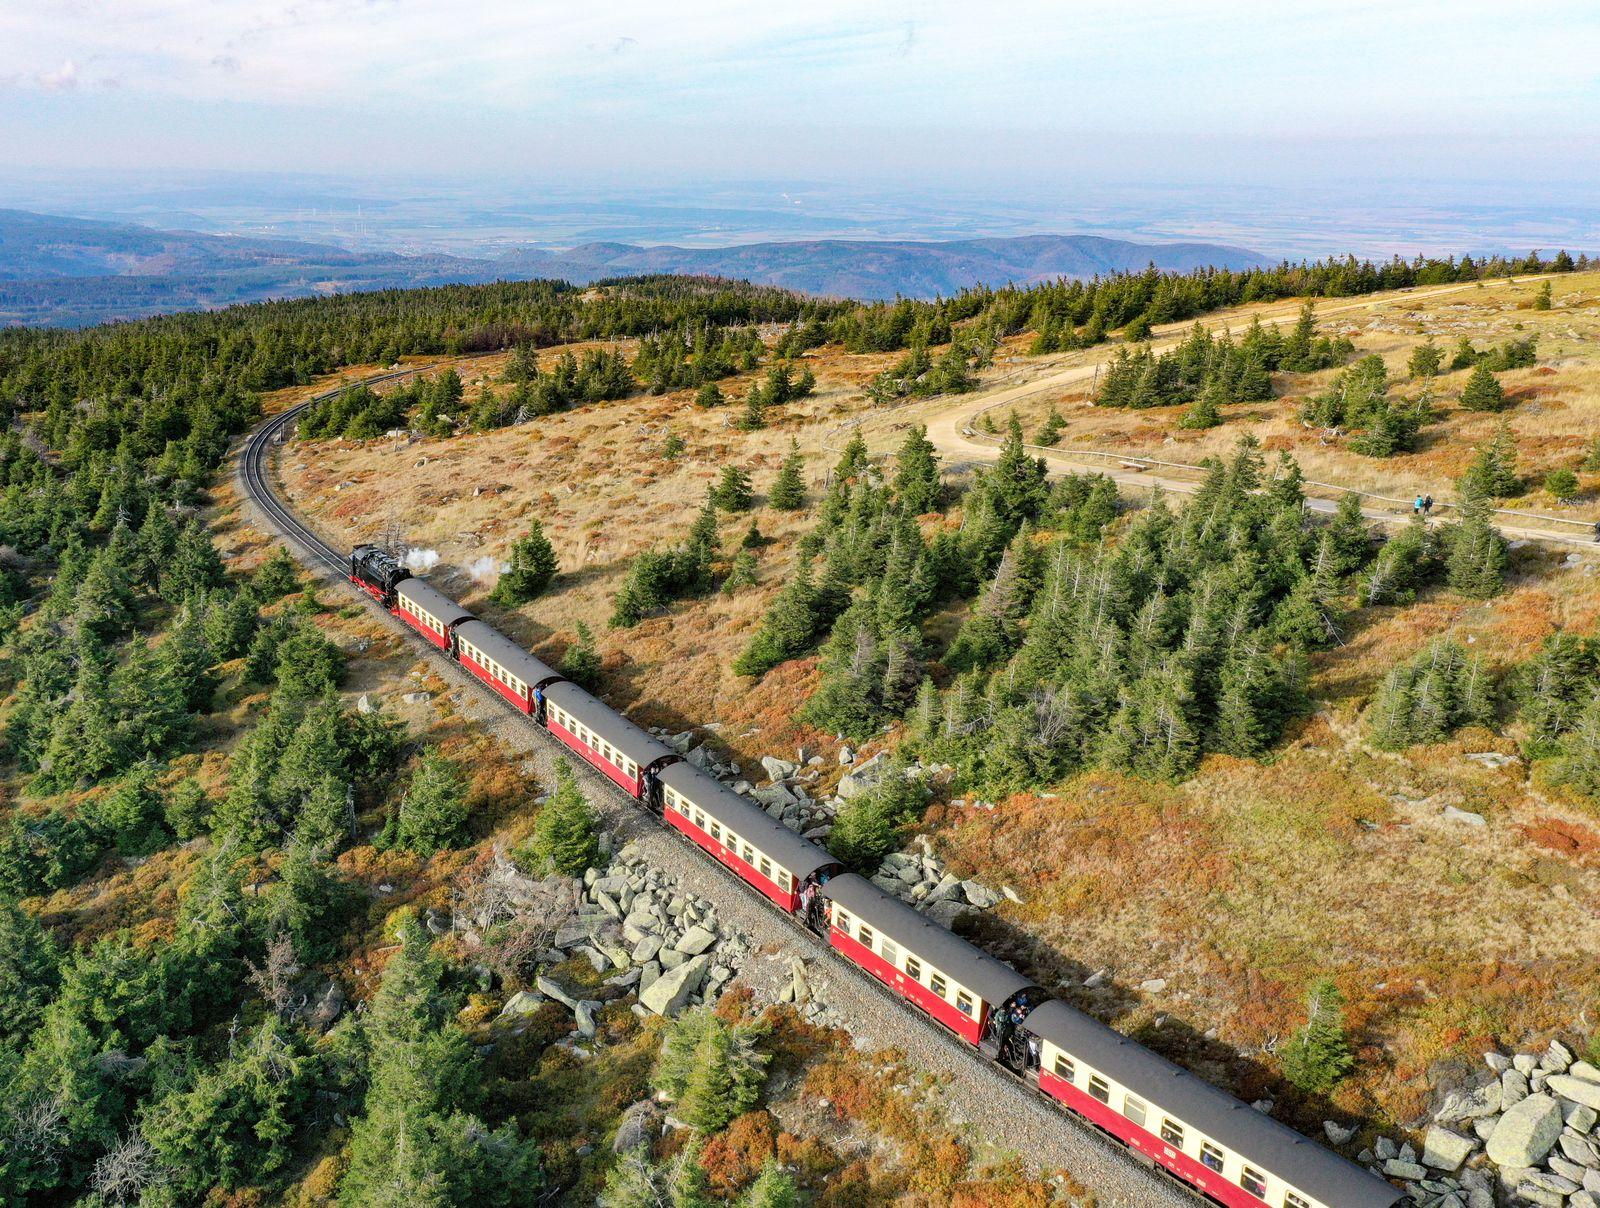 Radweg Deutsche Einheit - Mittelgebirge Harz Brockenbahn